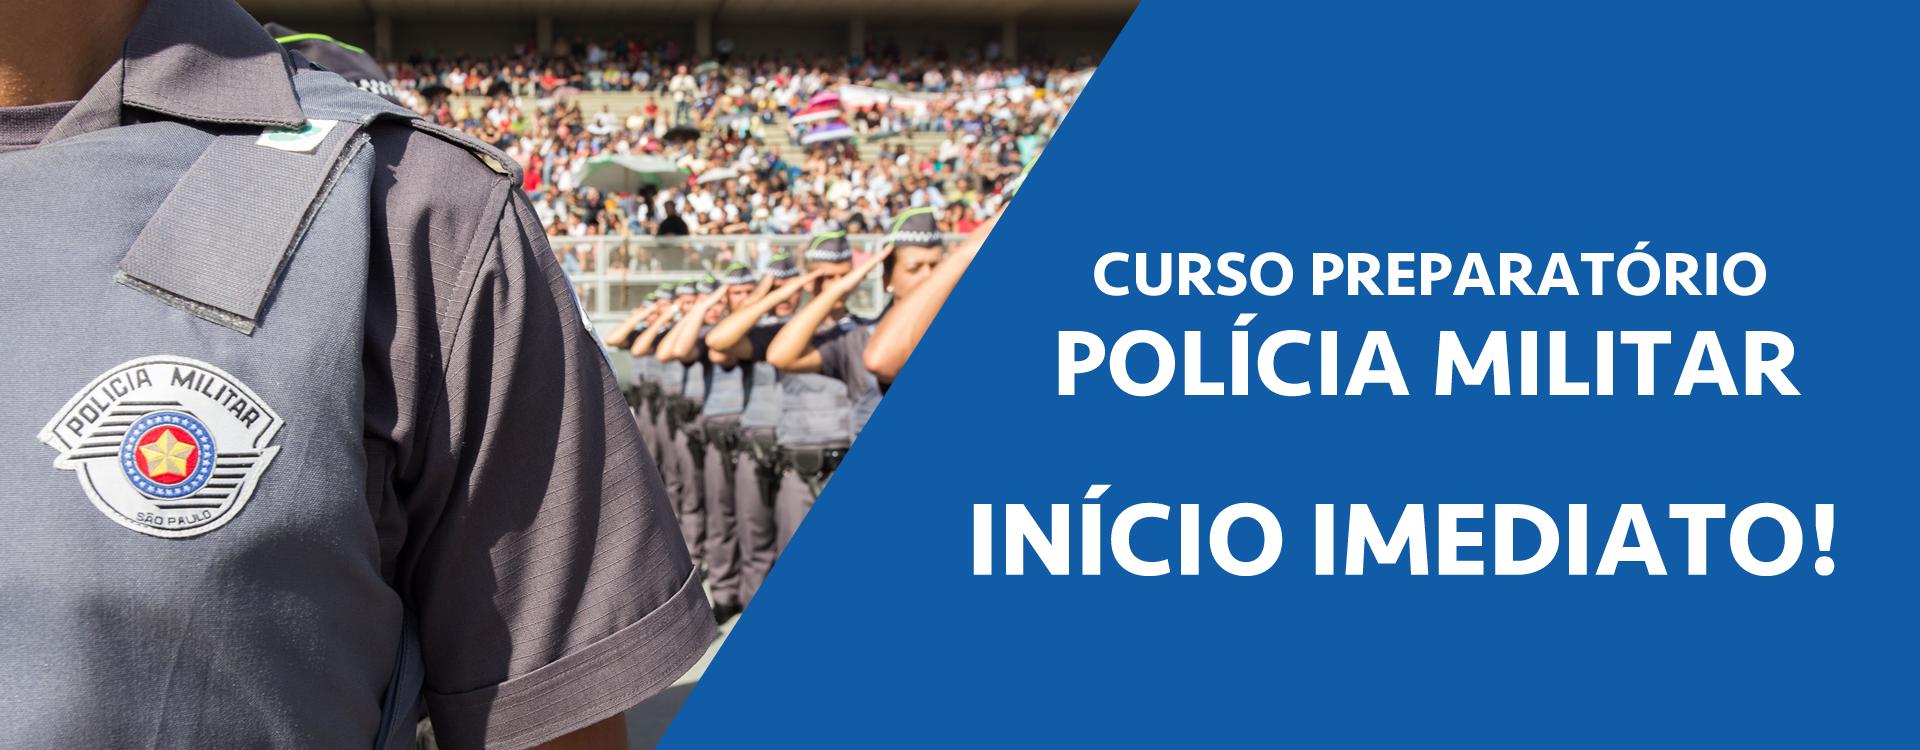 http://jnconcursos.com.br/descricao/policiamilitar/